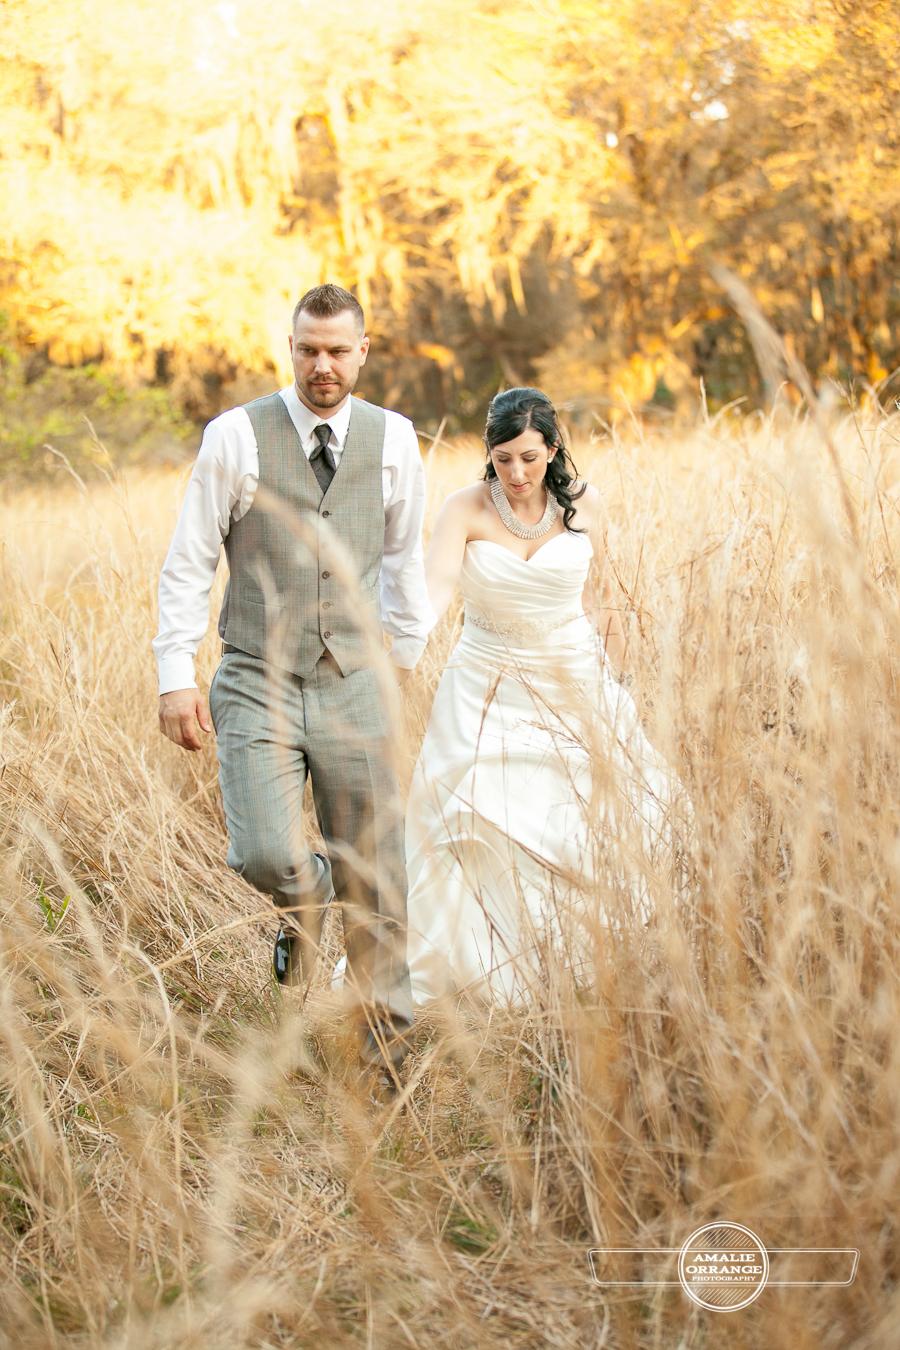 bride and groom in field walking